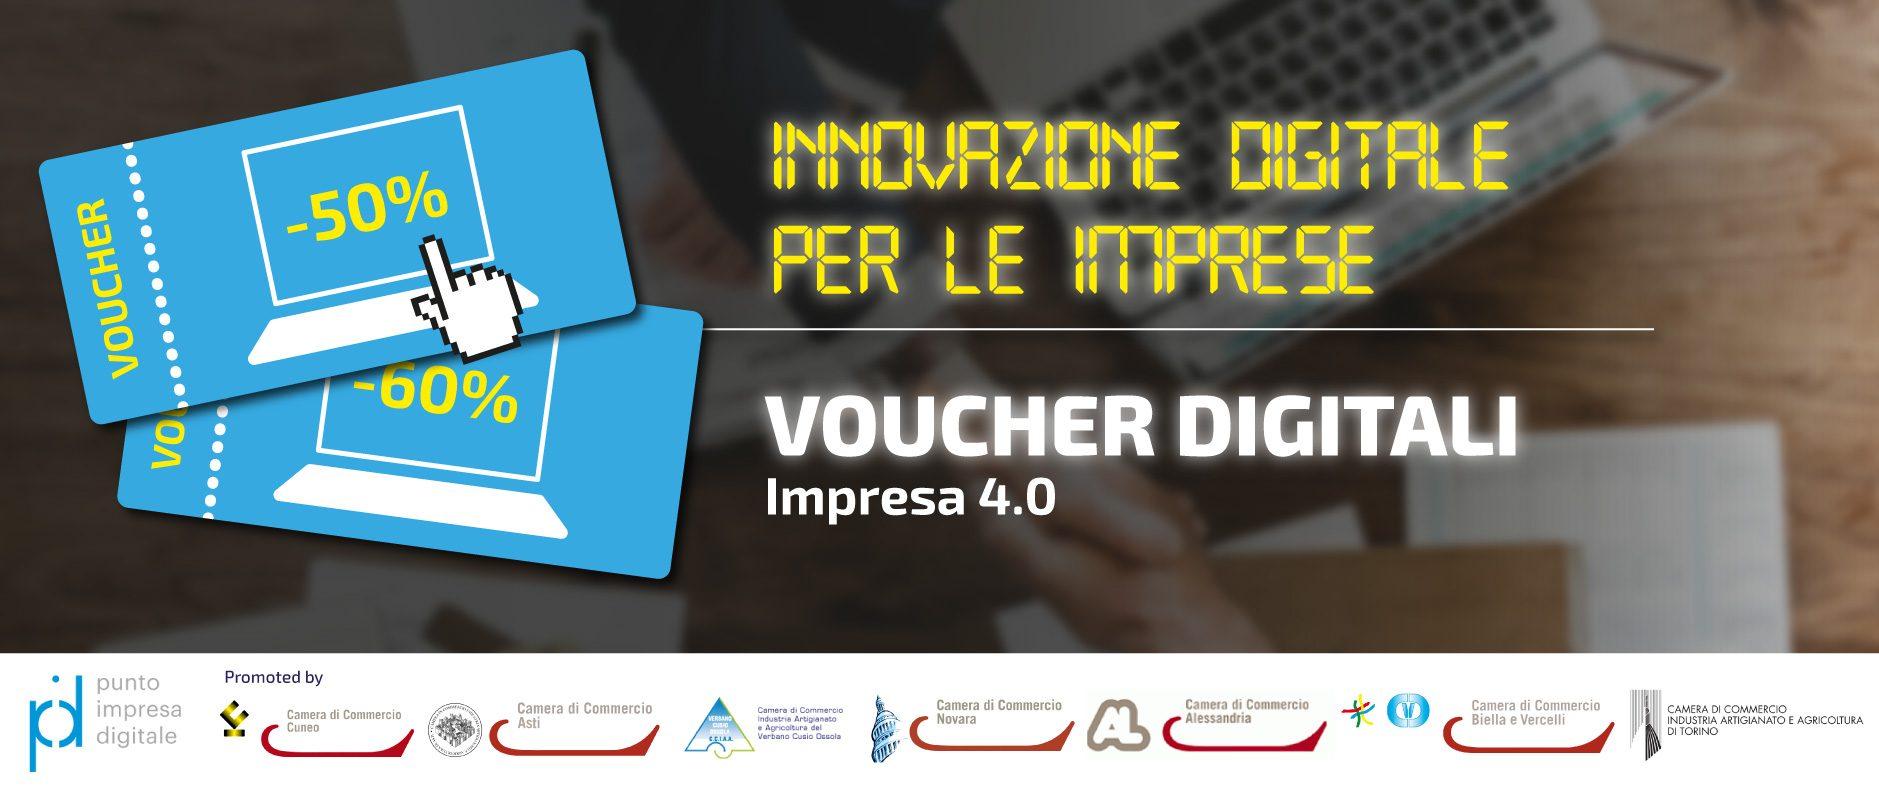 Voucher Digitali I4.0 2019